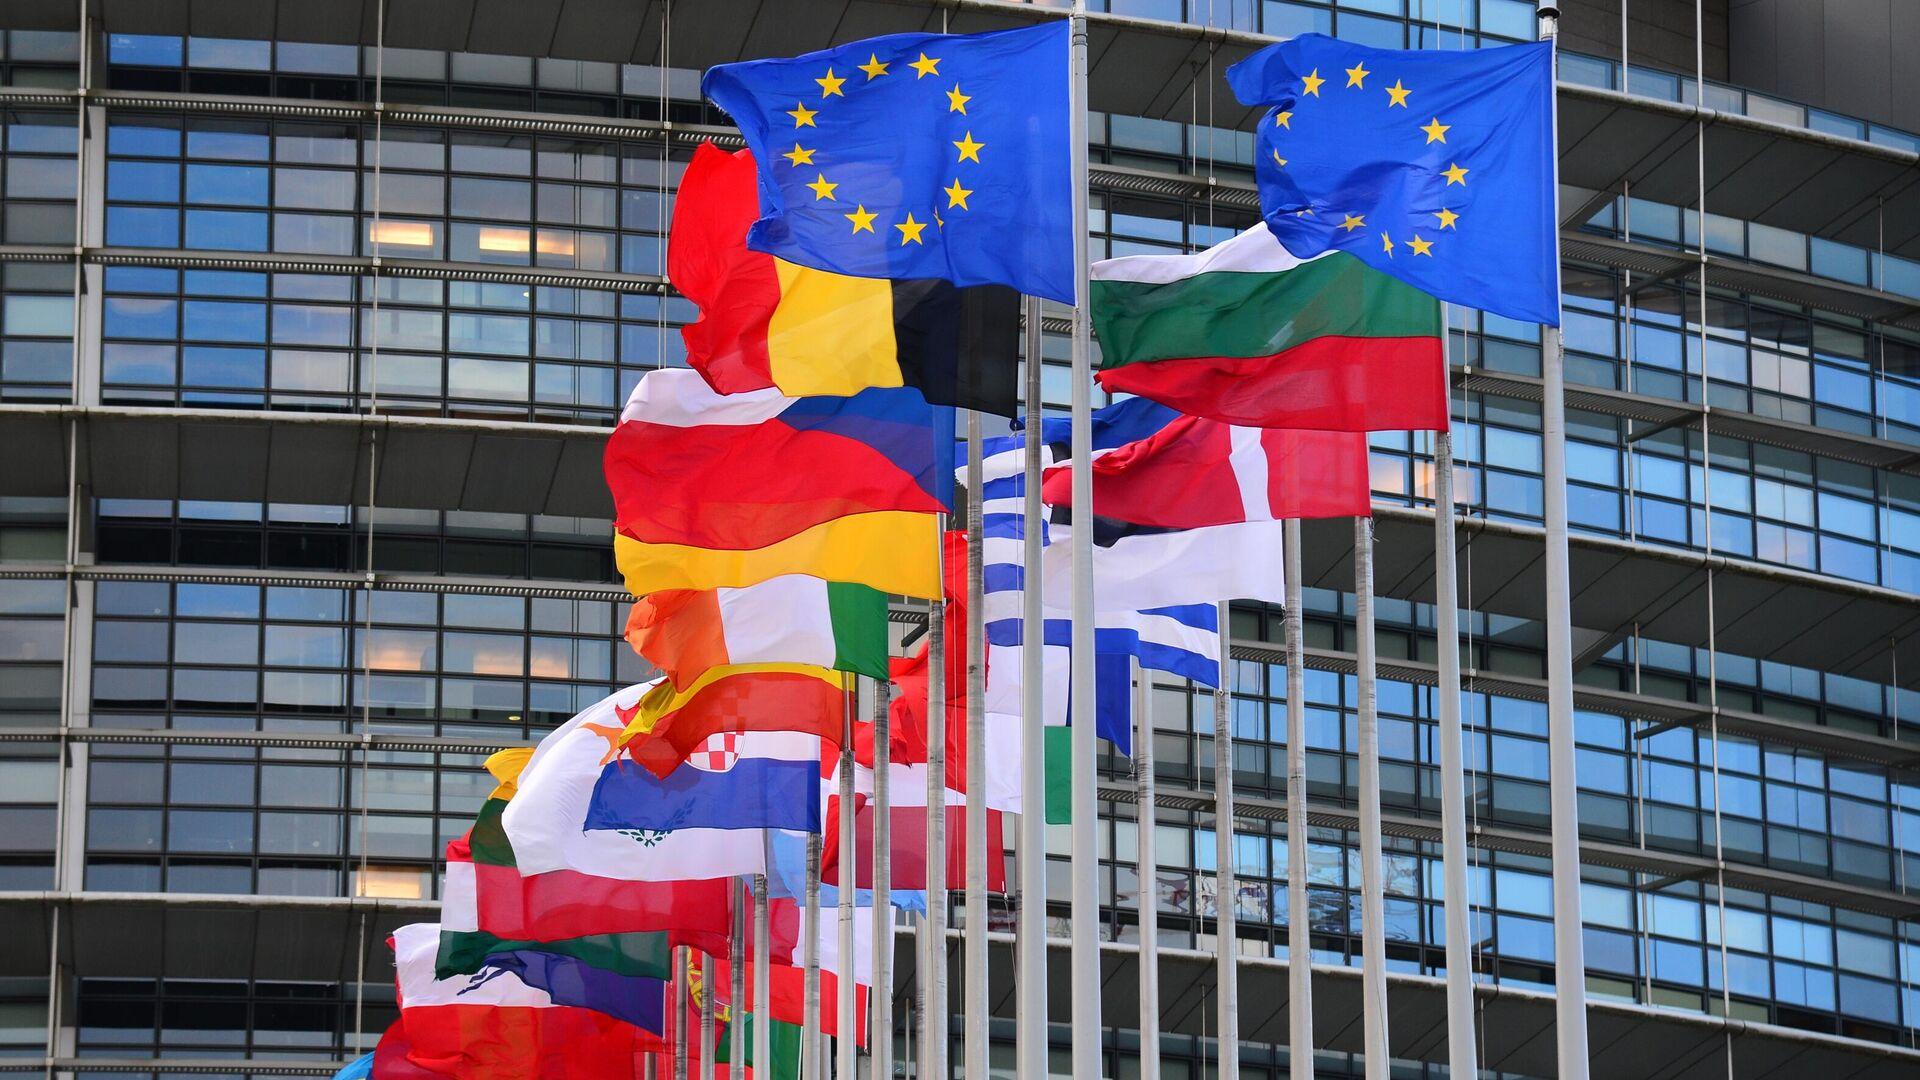 Флаги стран Евросоюза перед главным зданием Европейского парламента в Страсбурге - РИА Новости, 1920, 25.06.2021